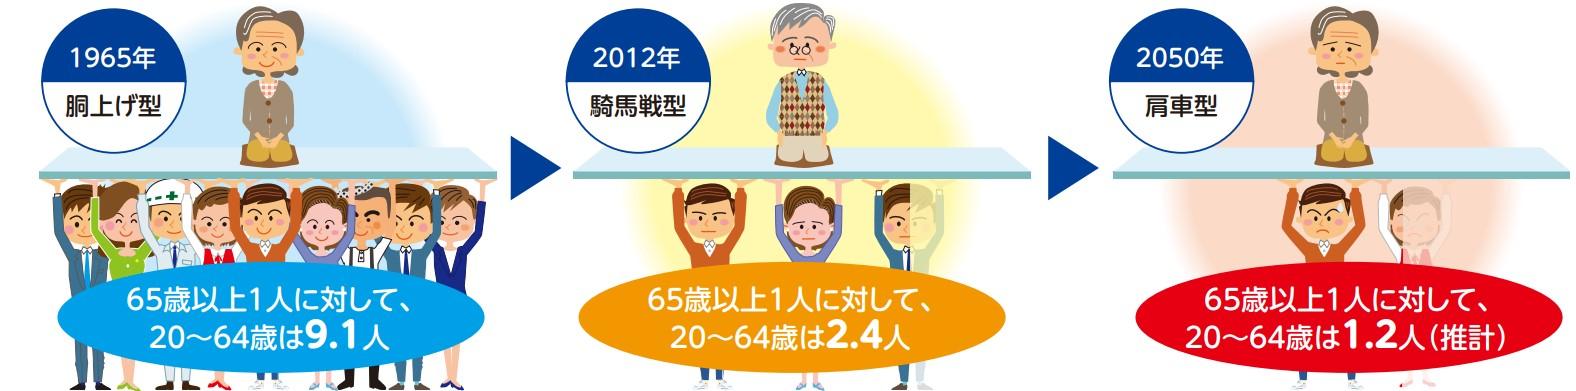 高齢者と現役世代の割合